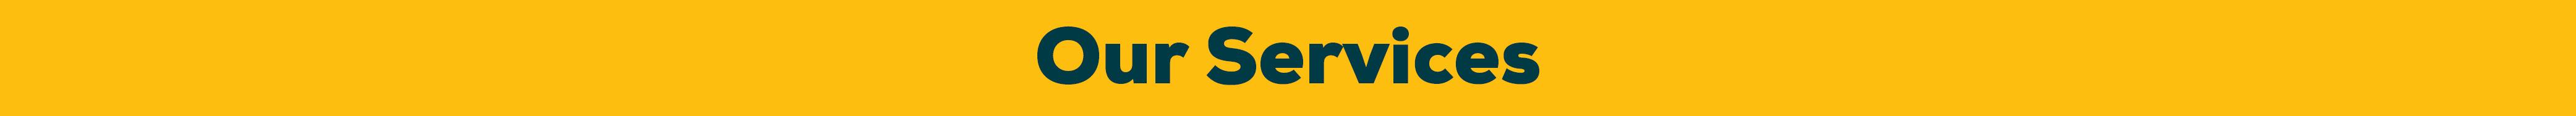 HomeCare Repair Australia Services